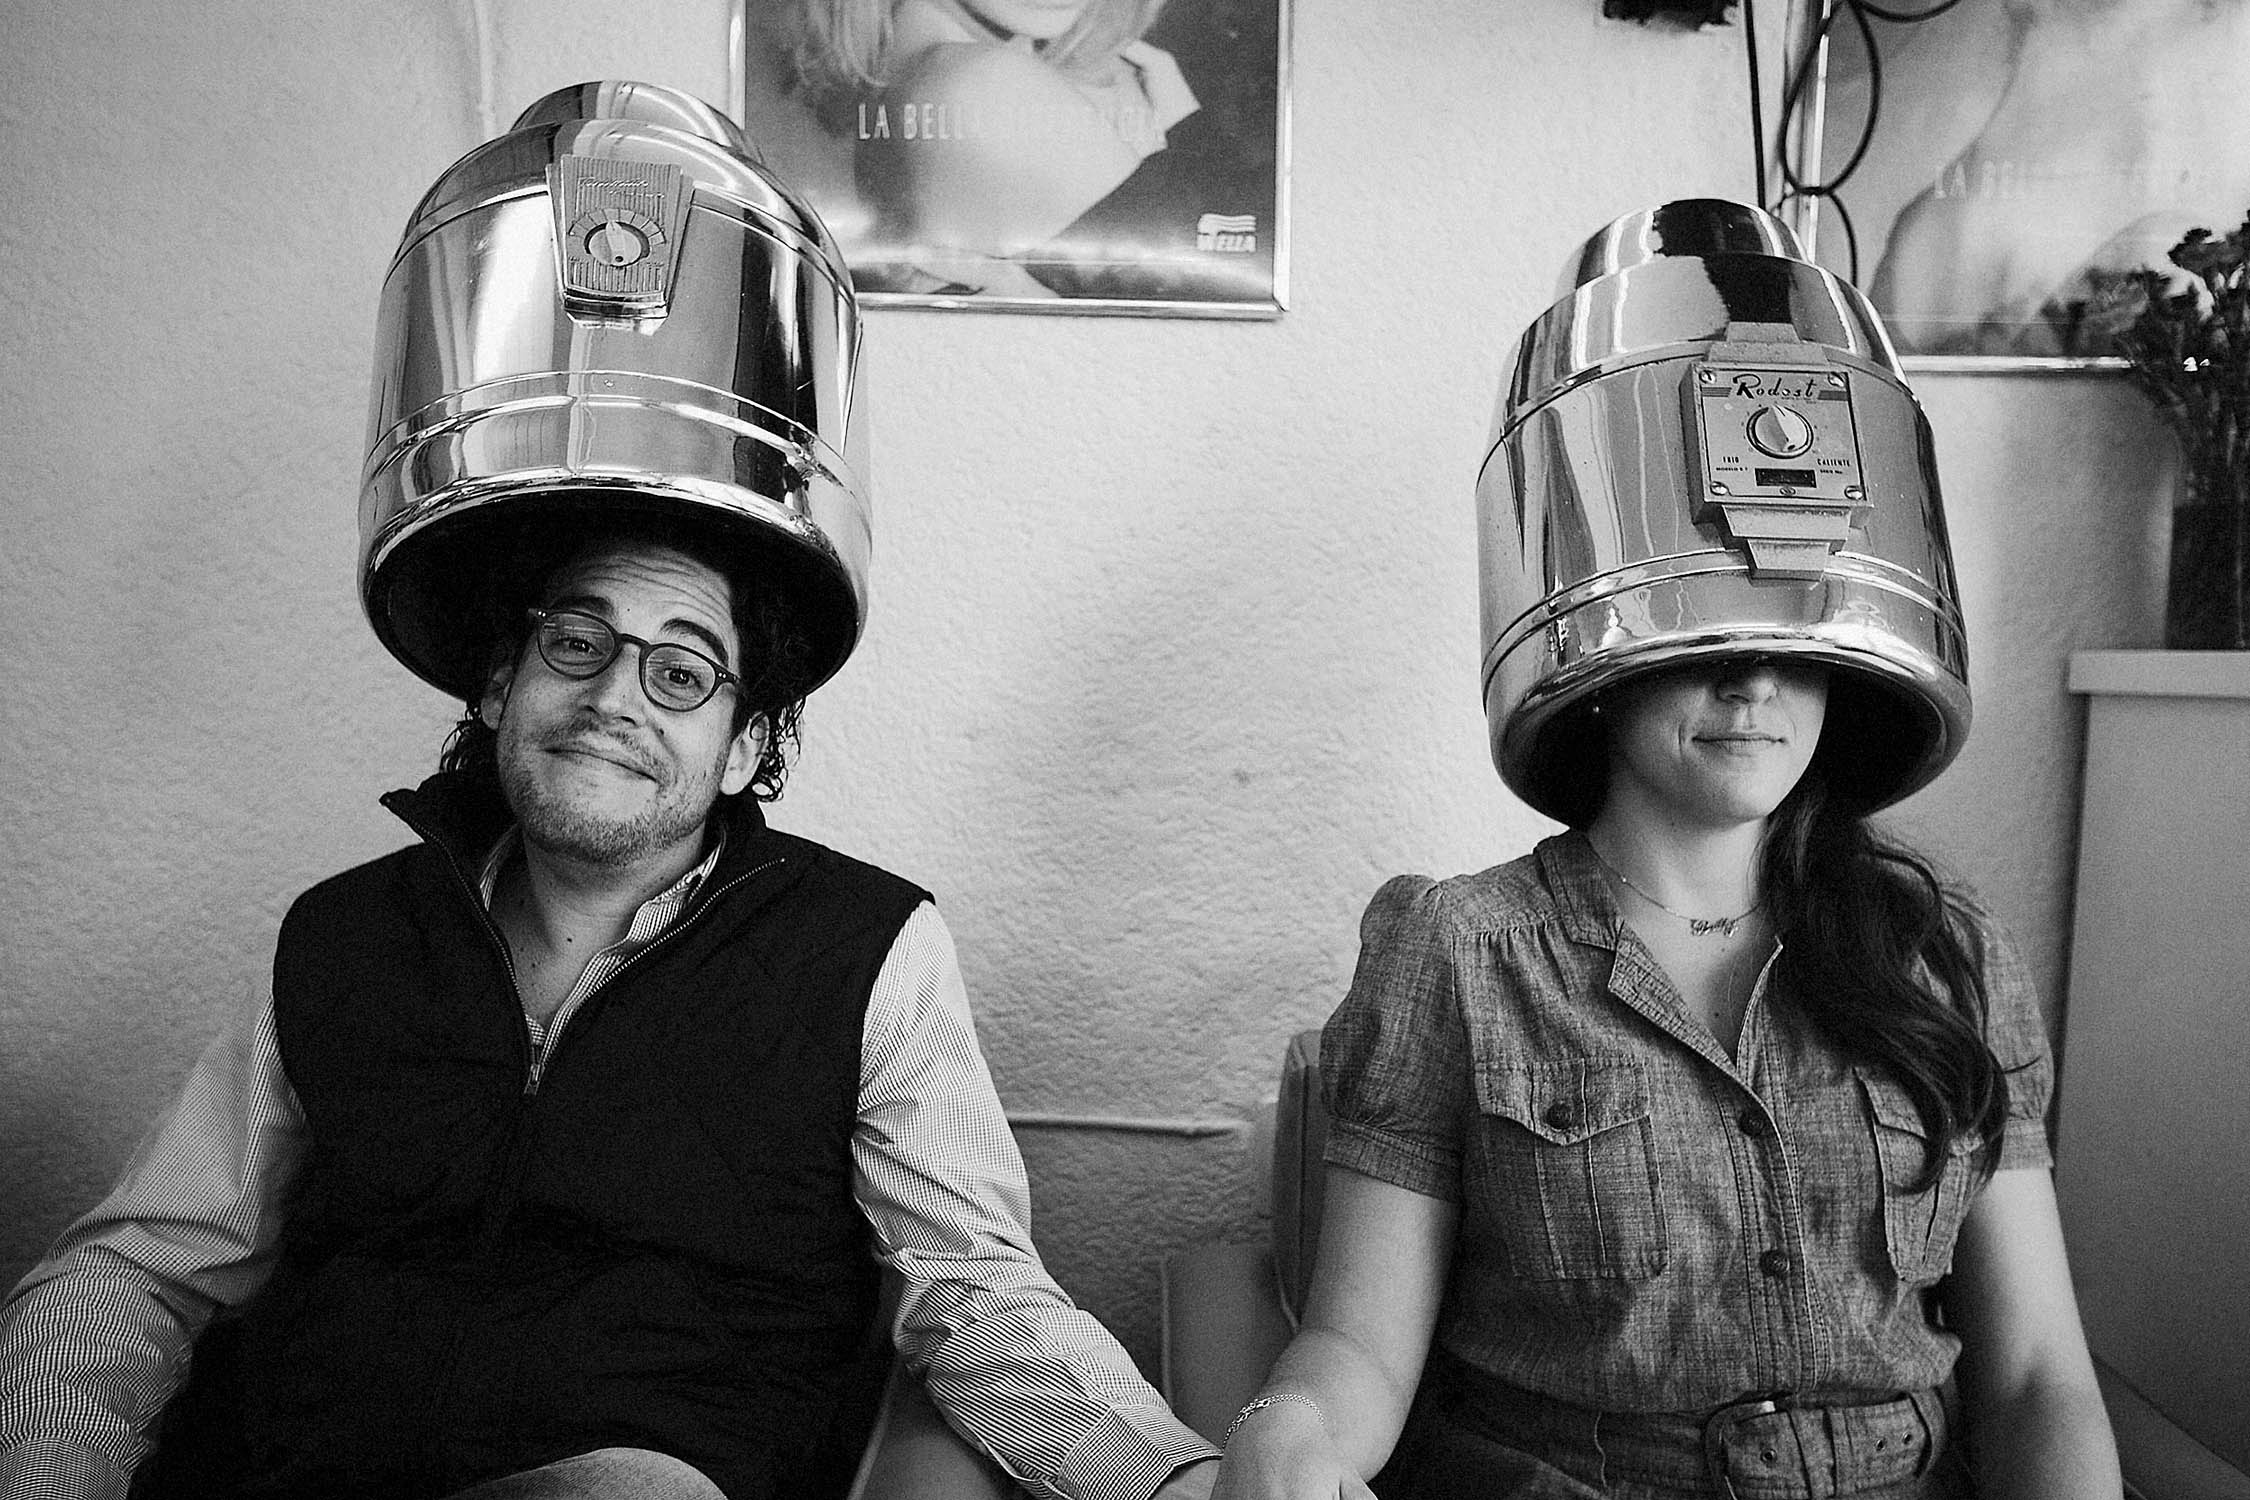 Fotografo de bodas en la ciudad de Mexico